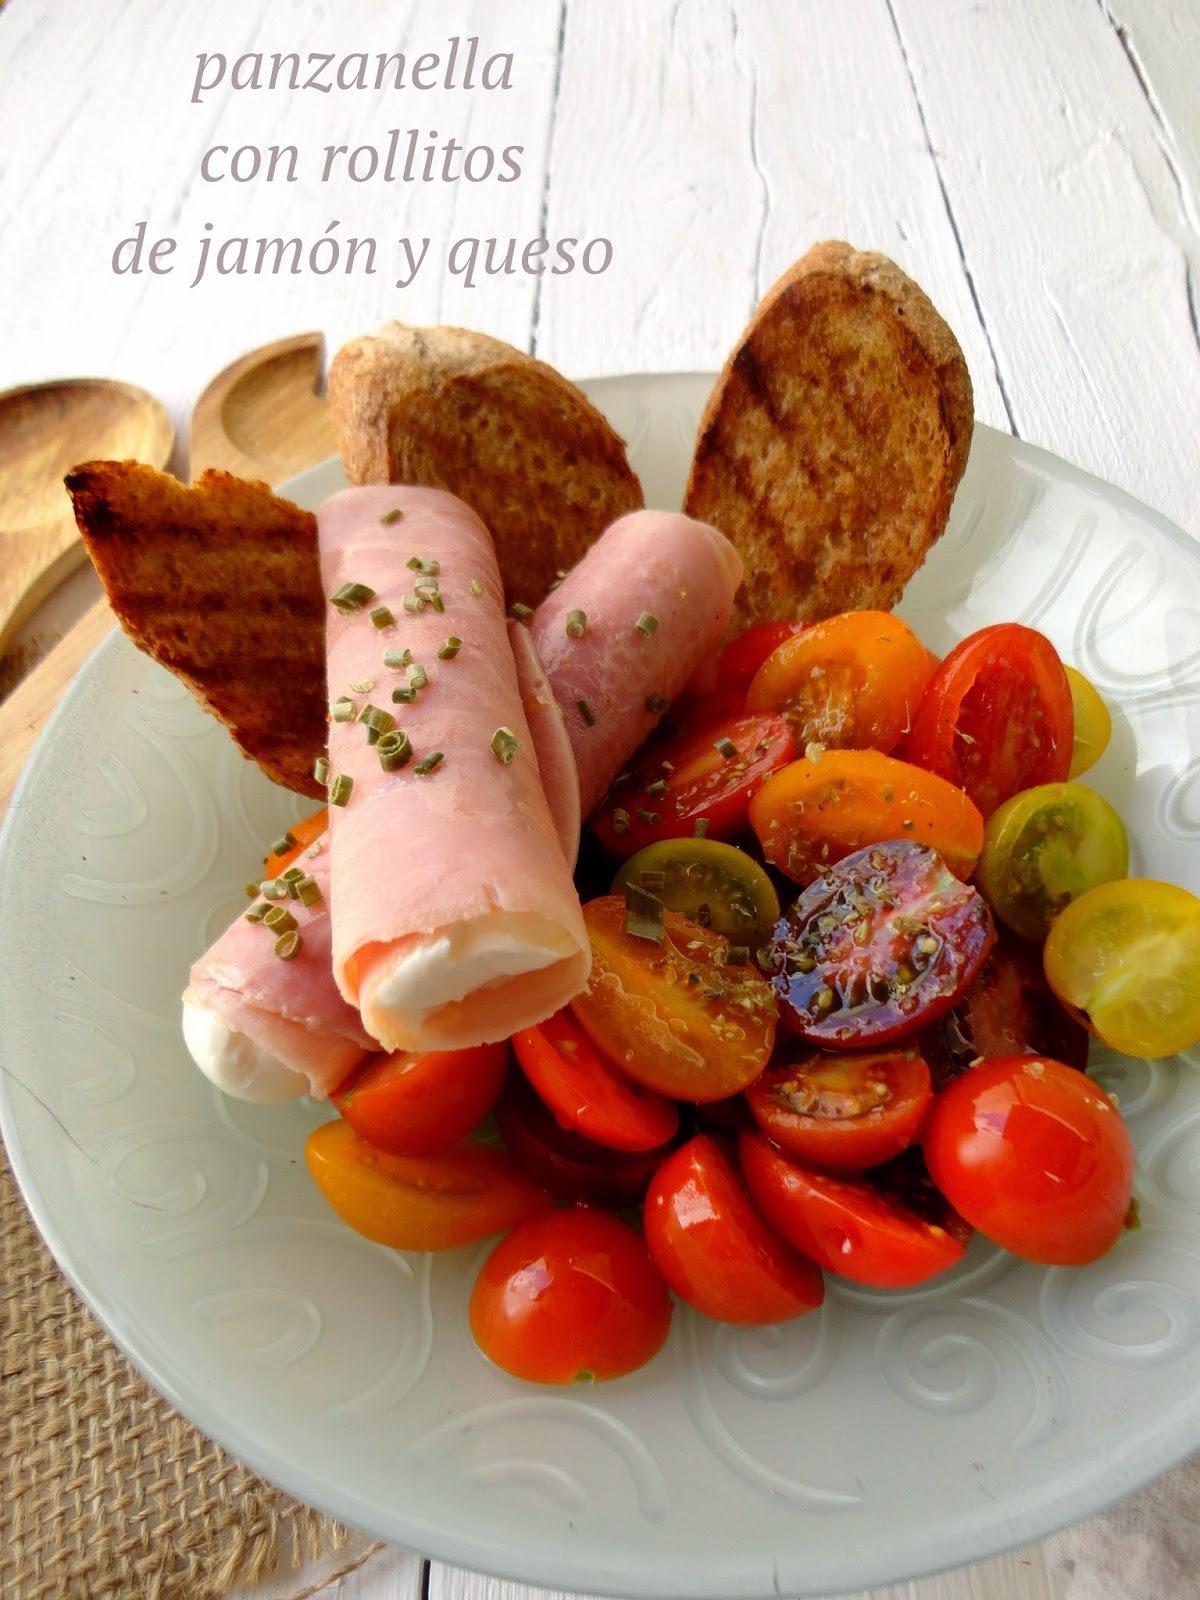 Ensalada Panzanella con Rollitos de Jamón y Queso